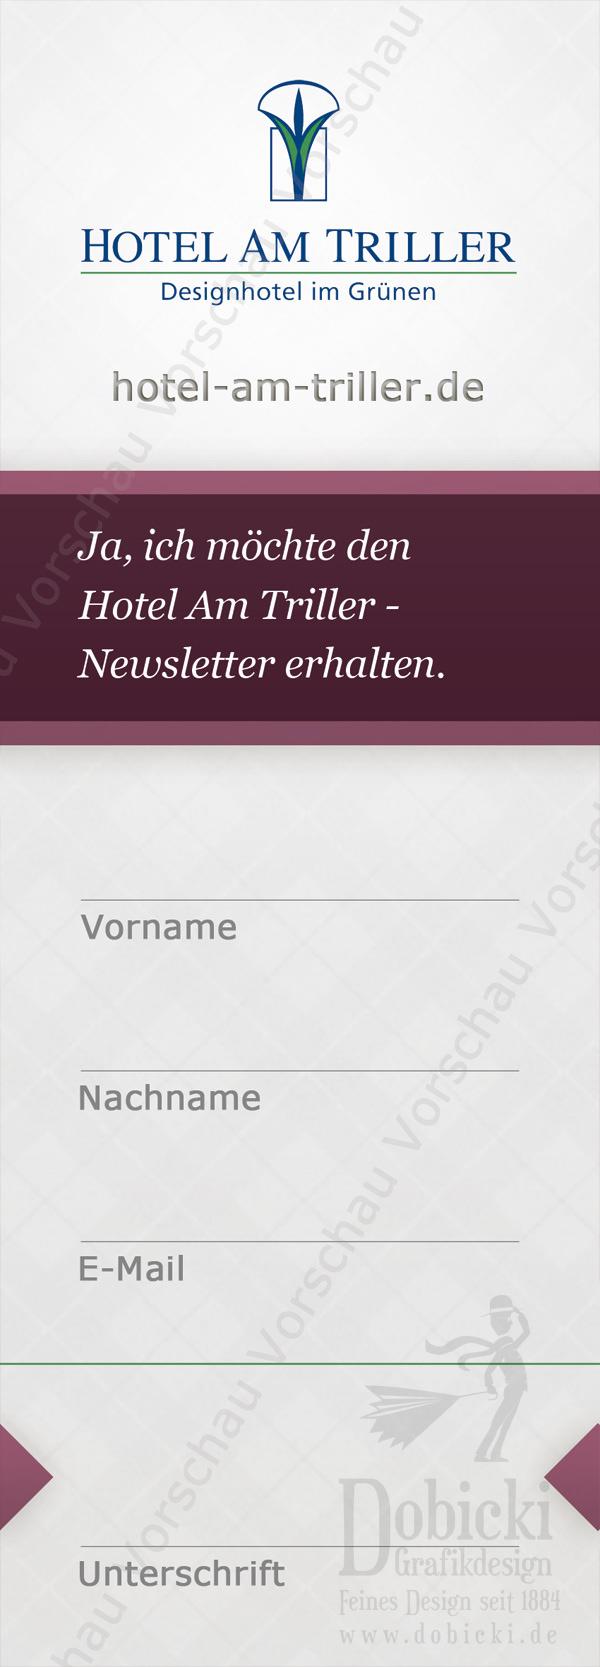 hotel-am-triller-newsletterflyer-_-front-_-2.jpg